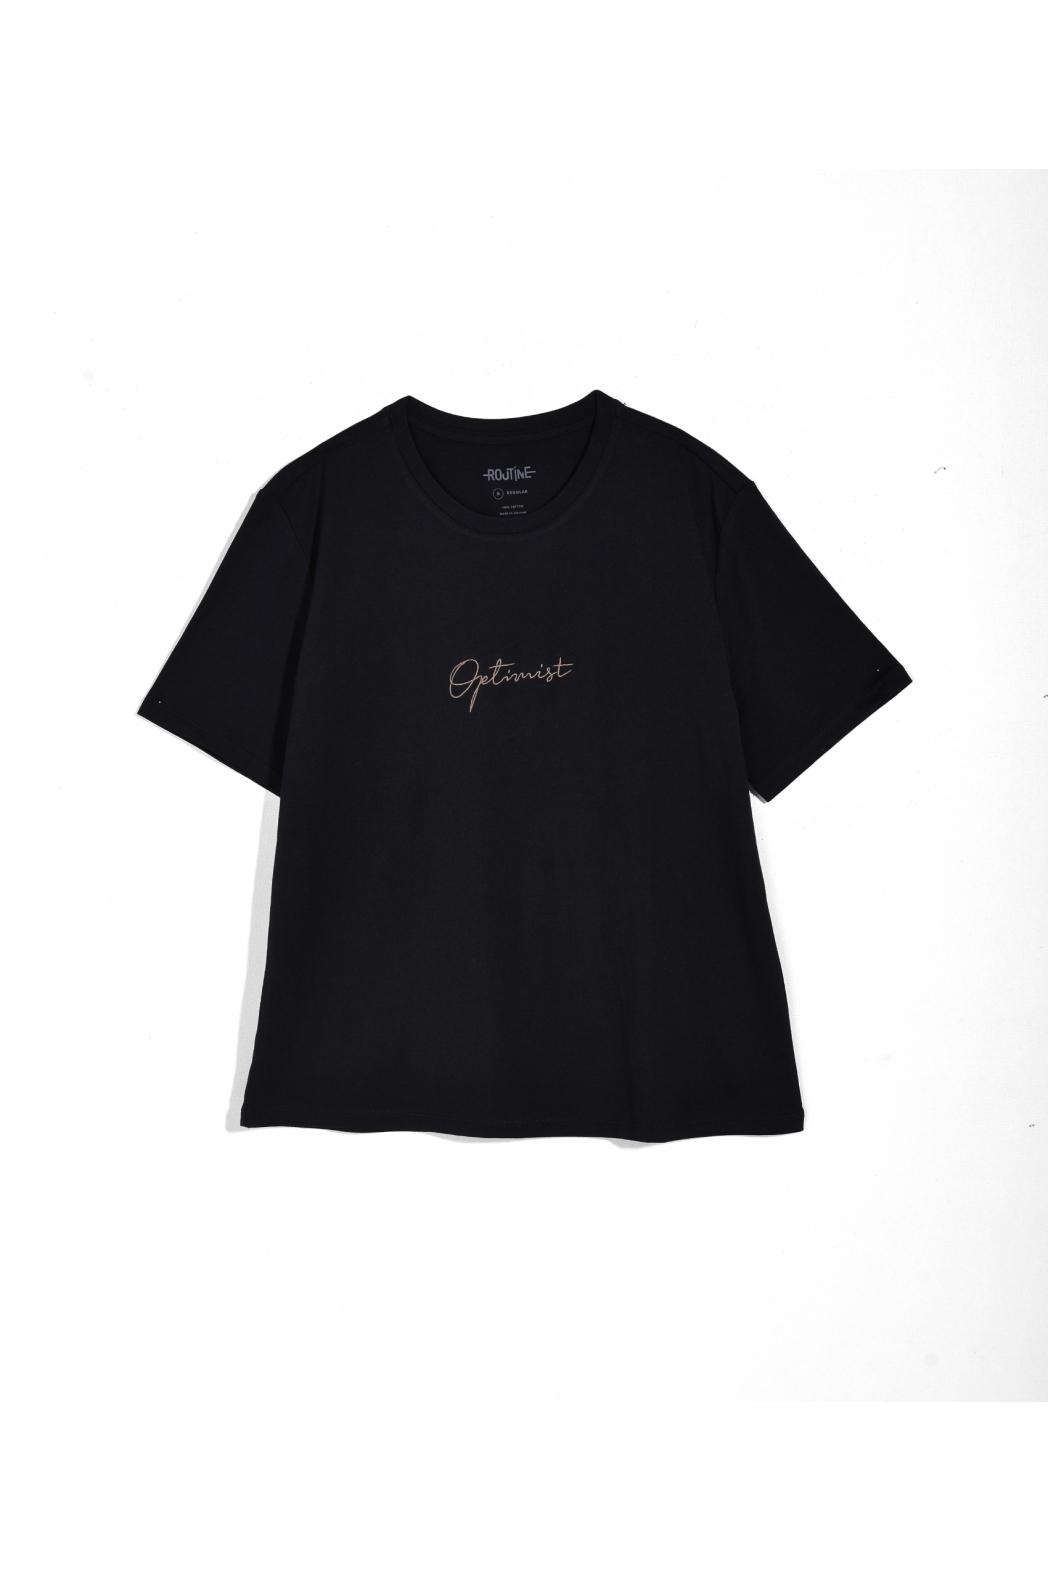 Áo thun tay ngắn, có Print. Cotton - 10F20TSHW002